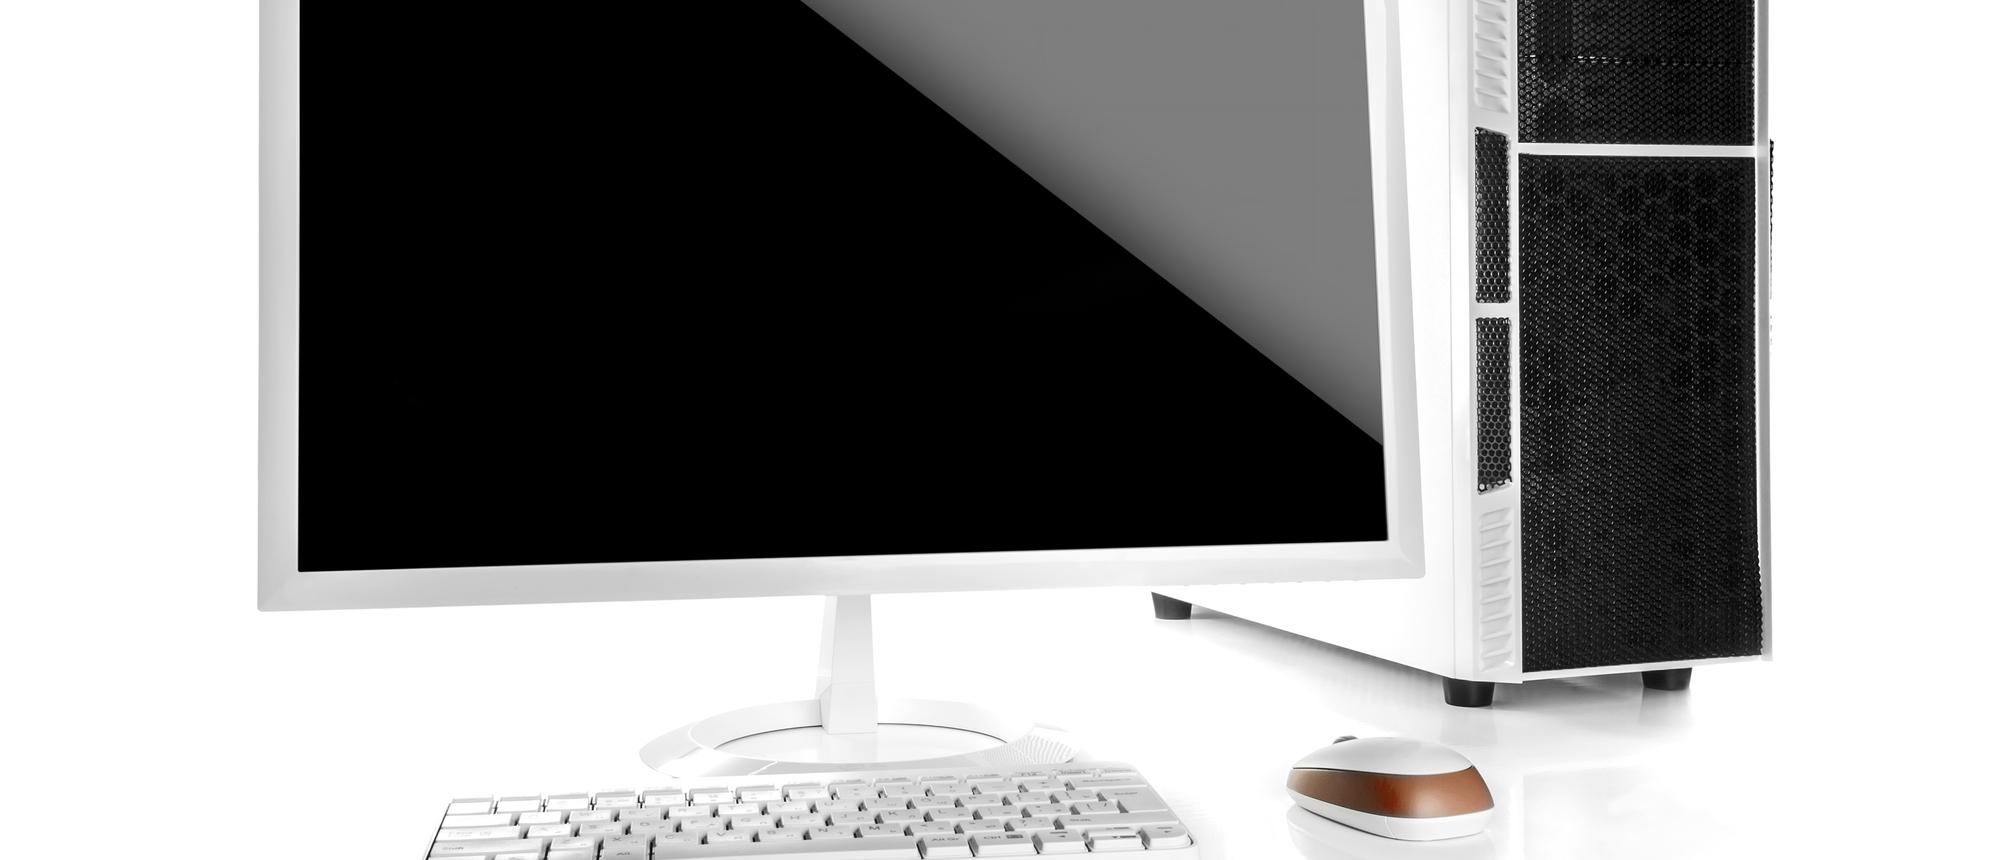 Computer_Sales